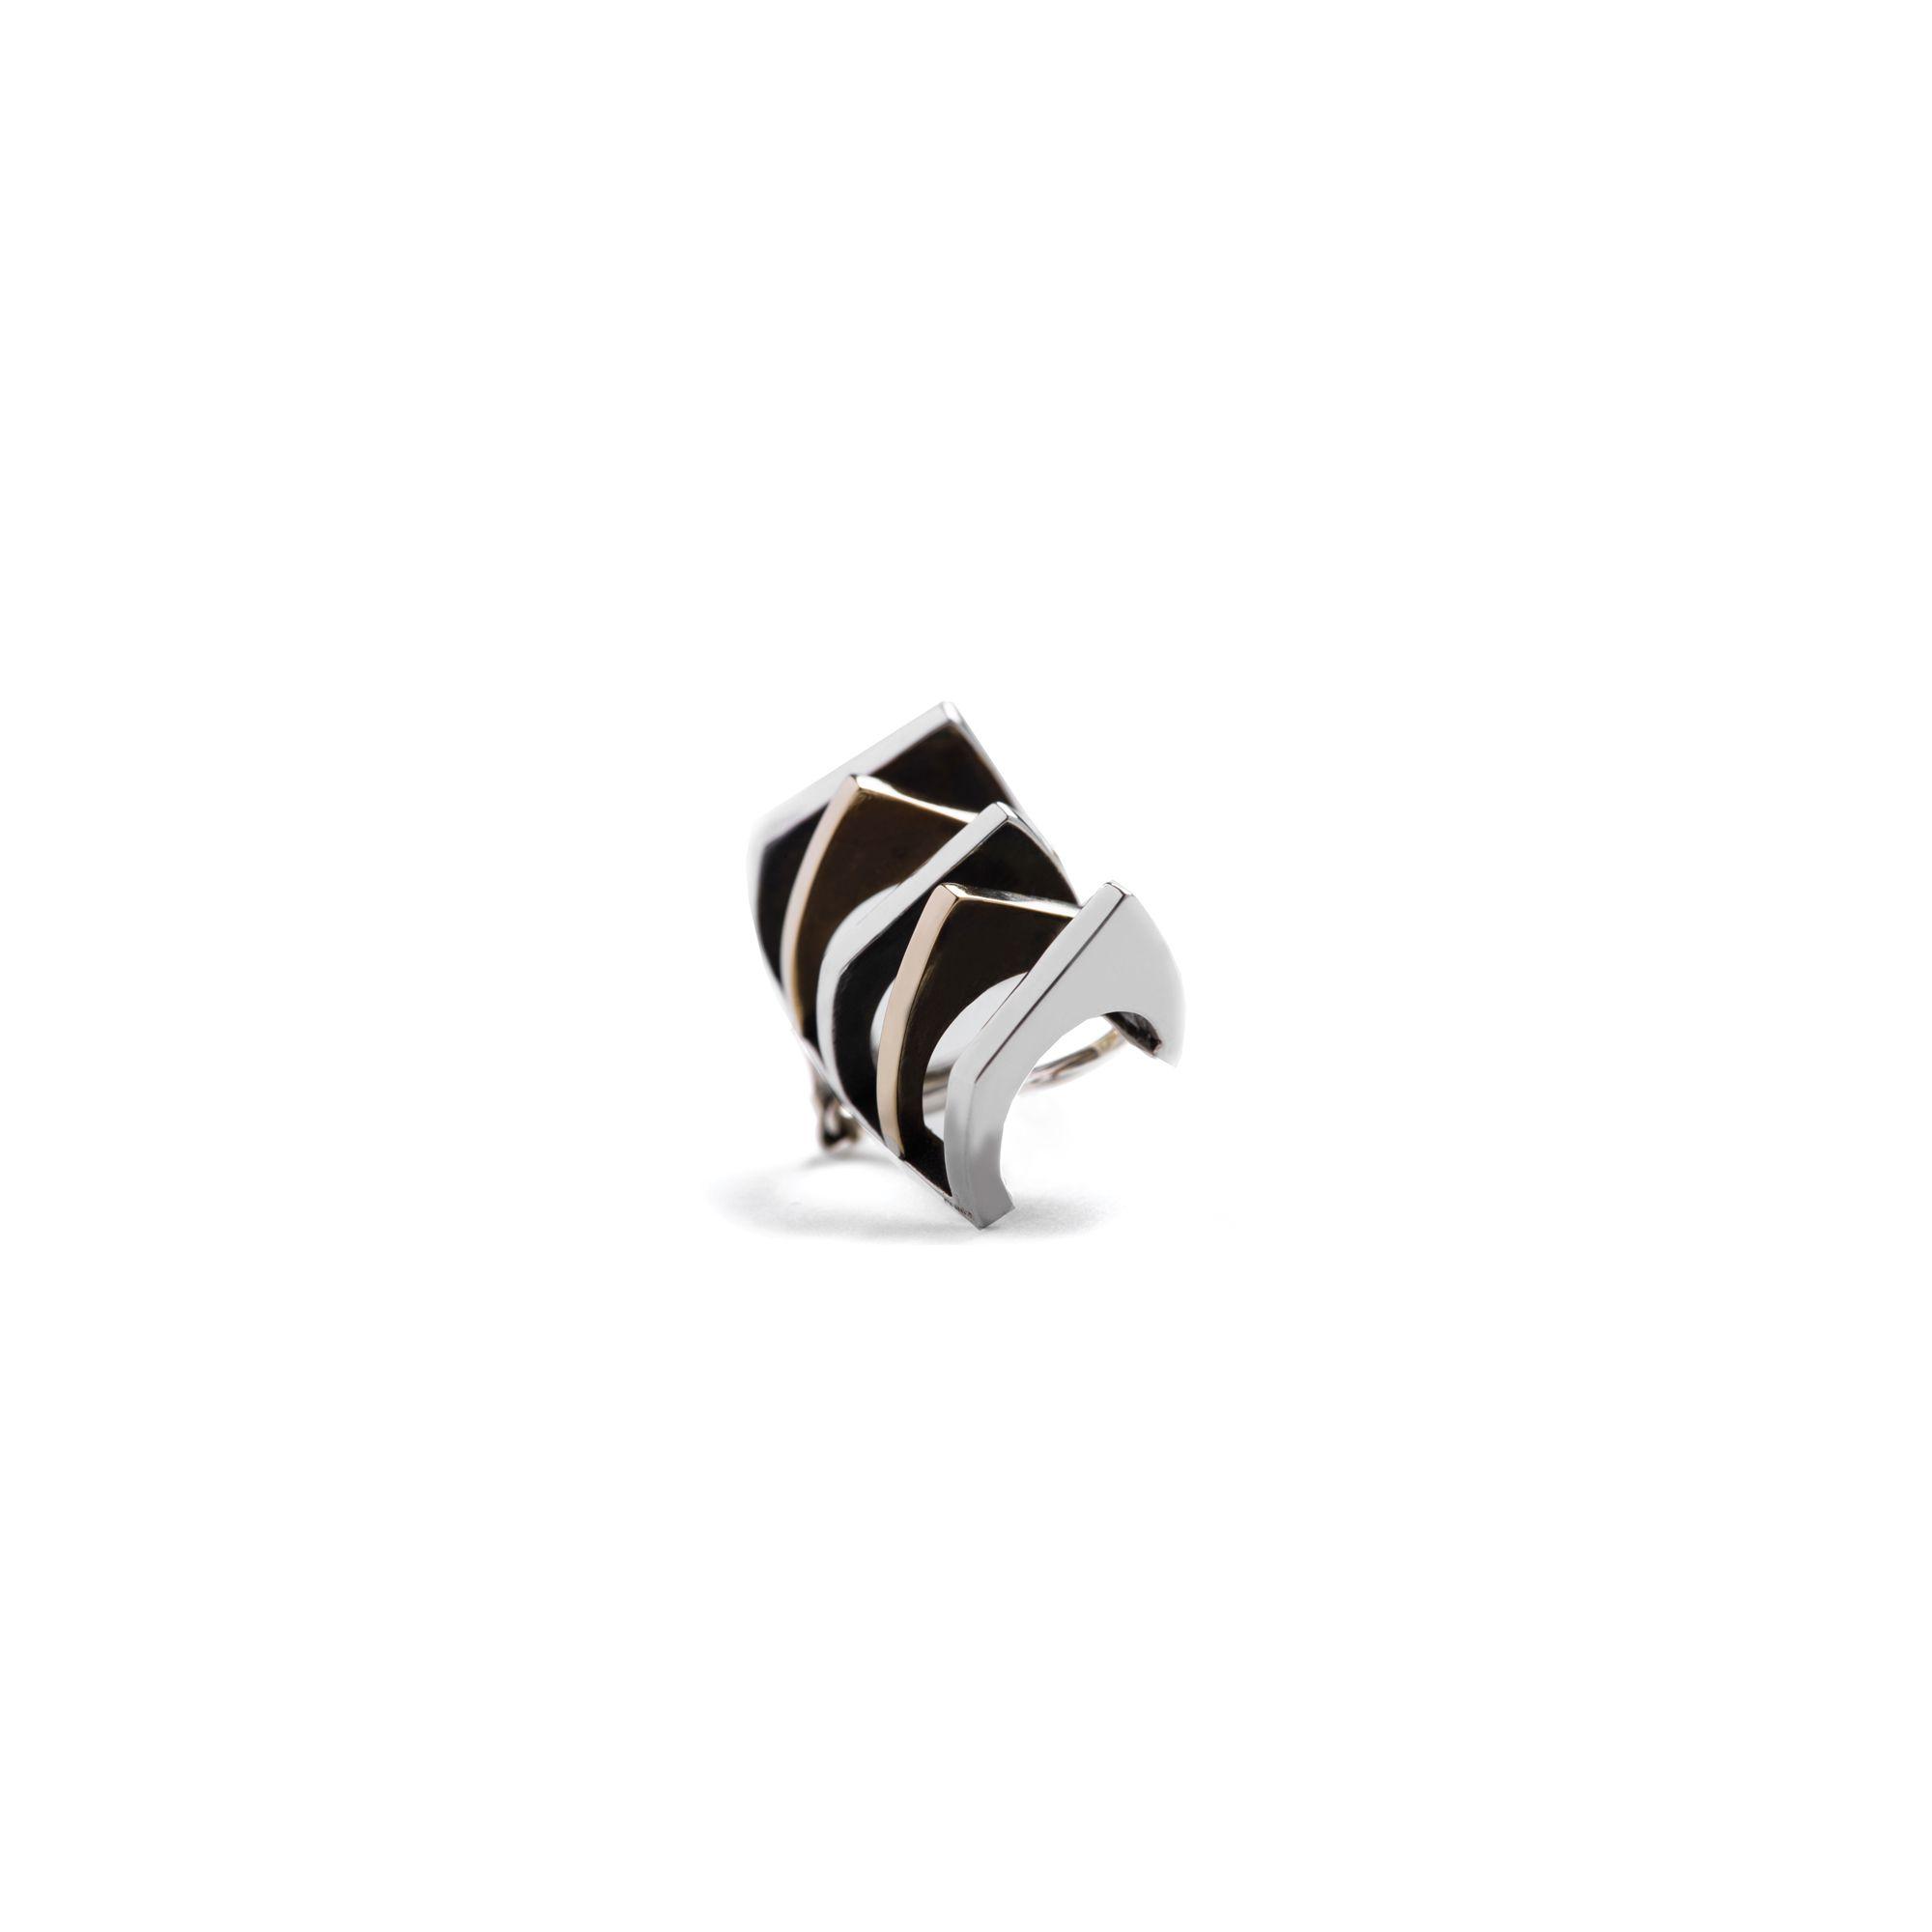 5 element 'Congiunzioni' mono earring Silver and bronze cuff earring